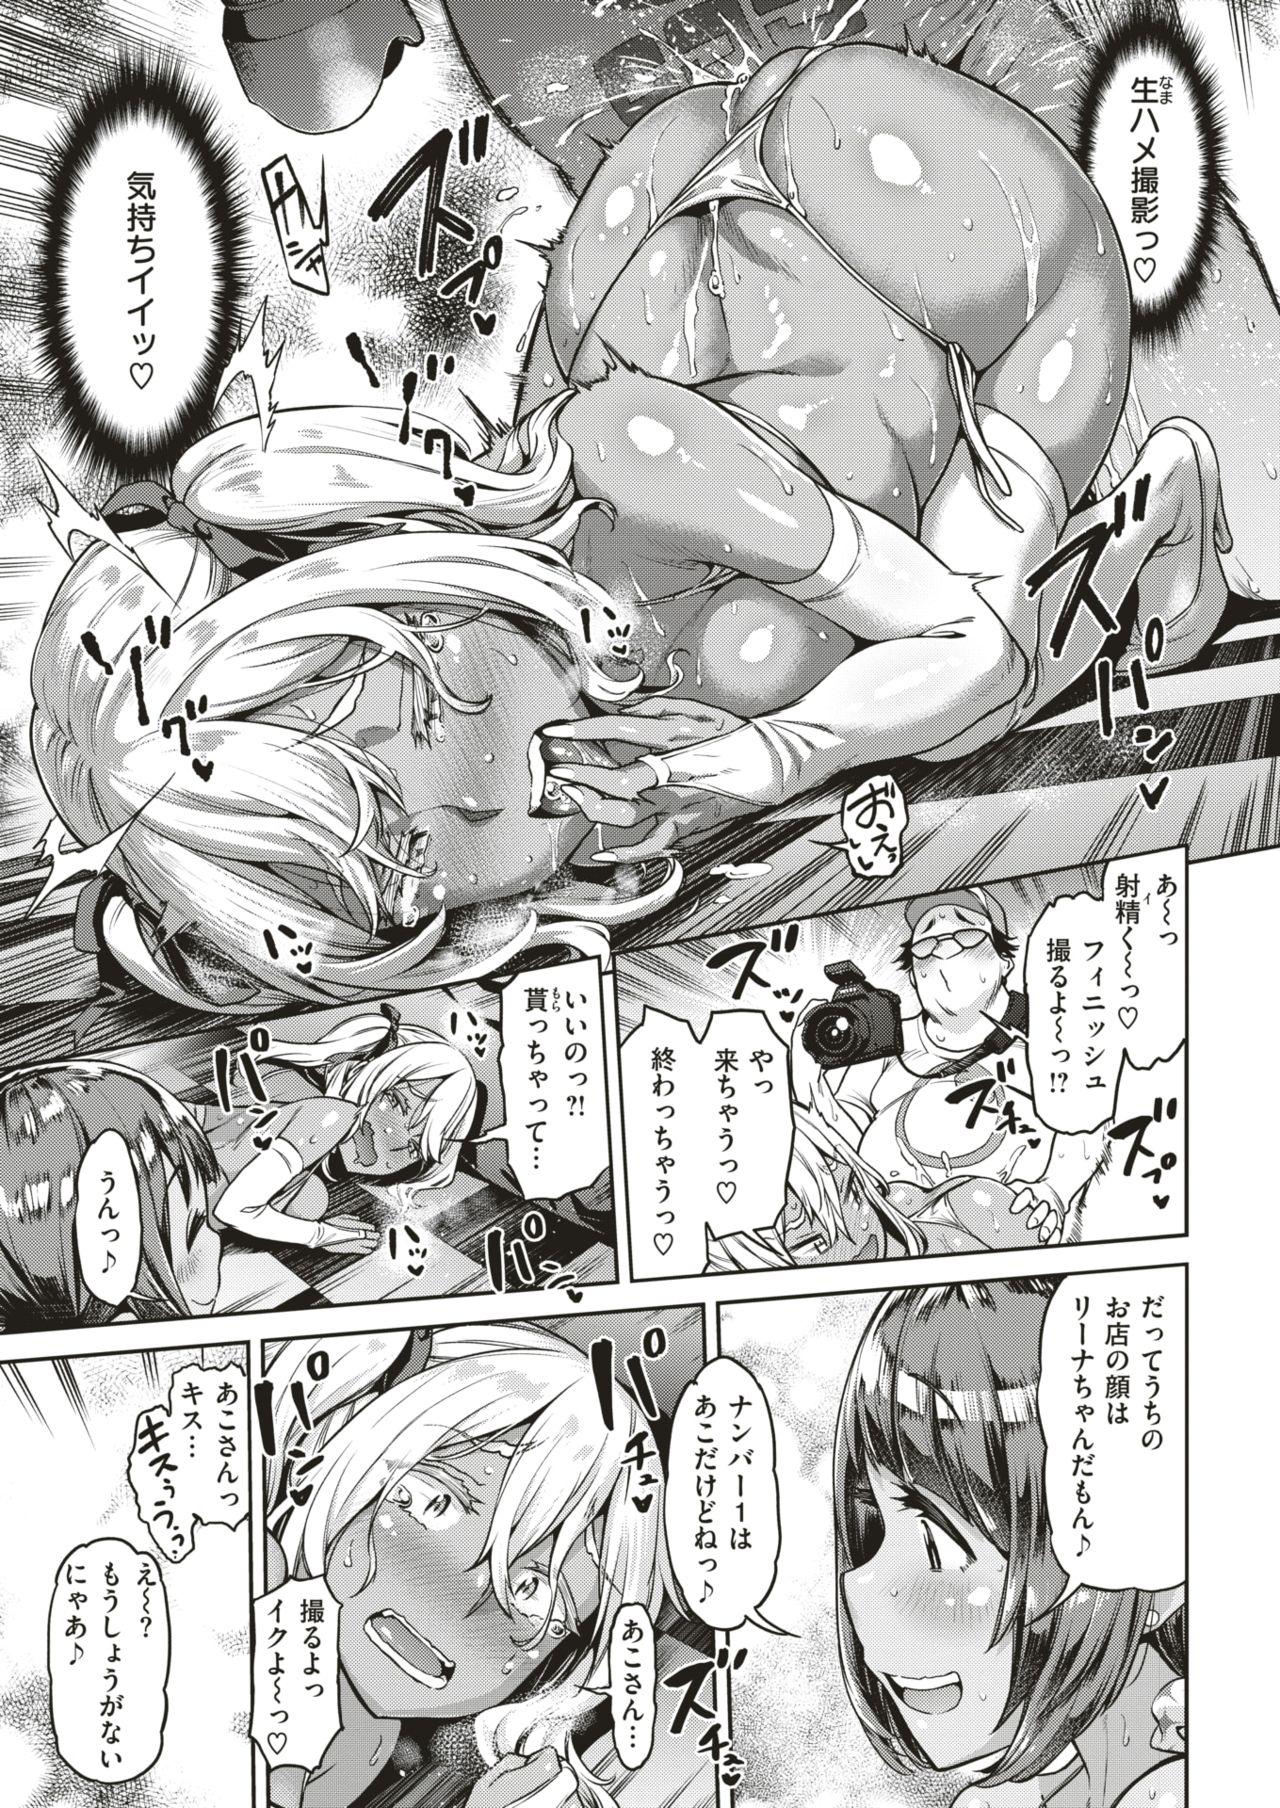 【エロ漫画】ツンデレお嬢様の純白肌は小麦色♡さあ、オイル塗ってエッチな撮影会しようね~ww